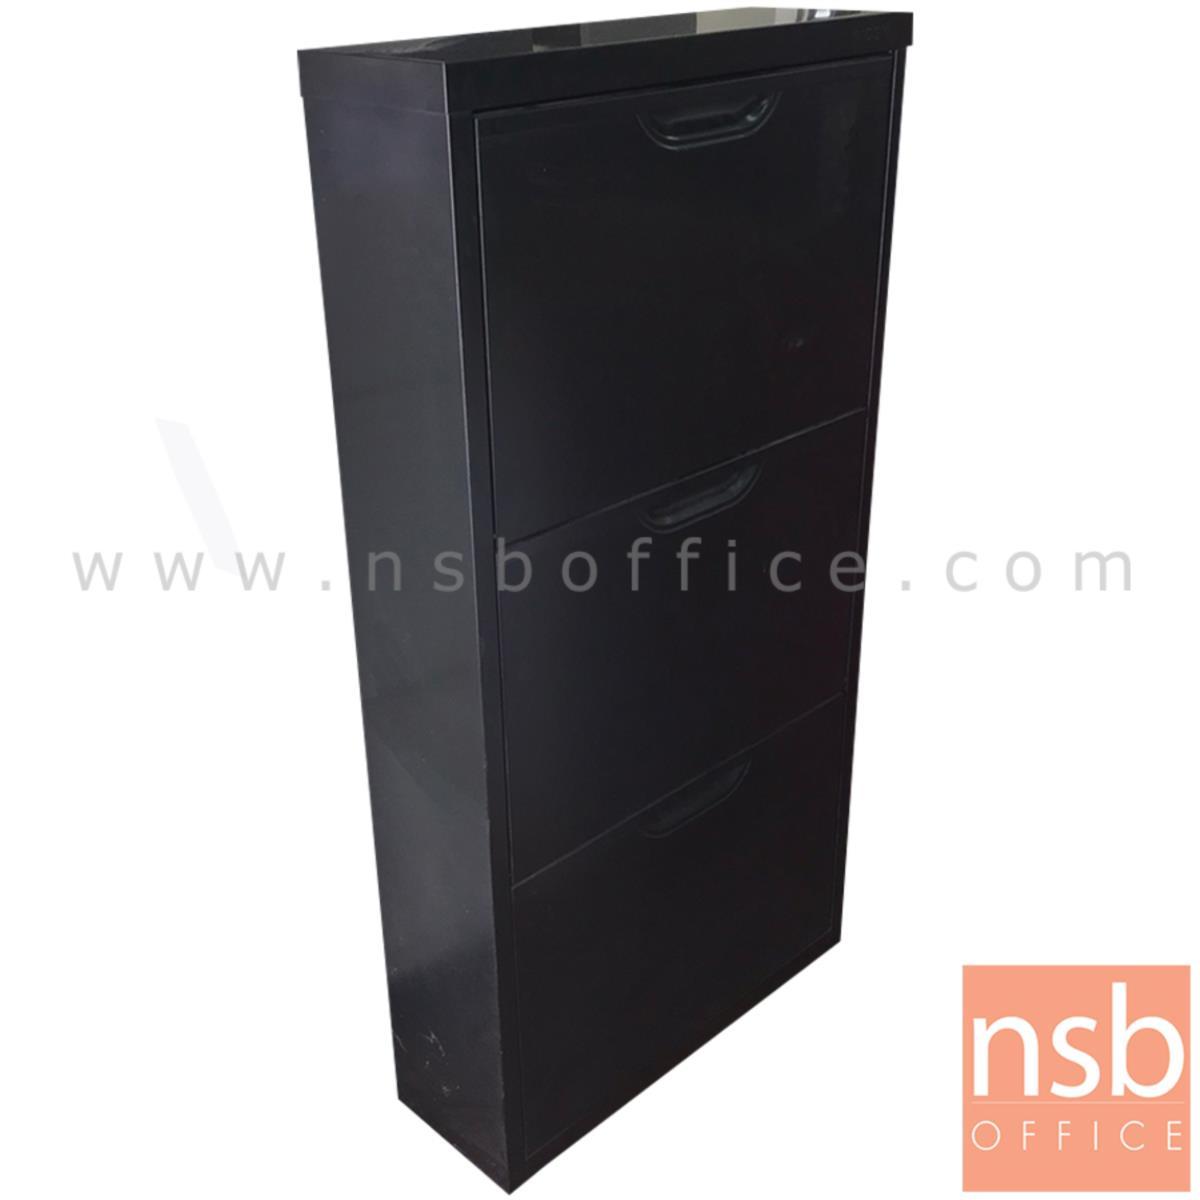 L10A222:ตู้เหล็กแขวนผนัง 3 บานสวิง  ขนาด 60W*117H cm. สีดำ